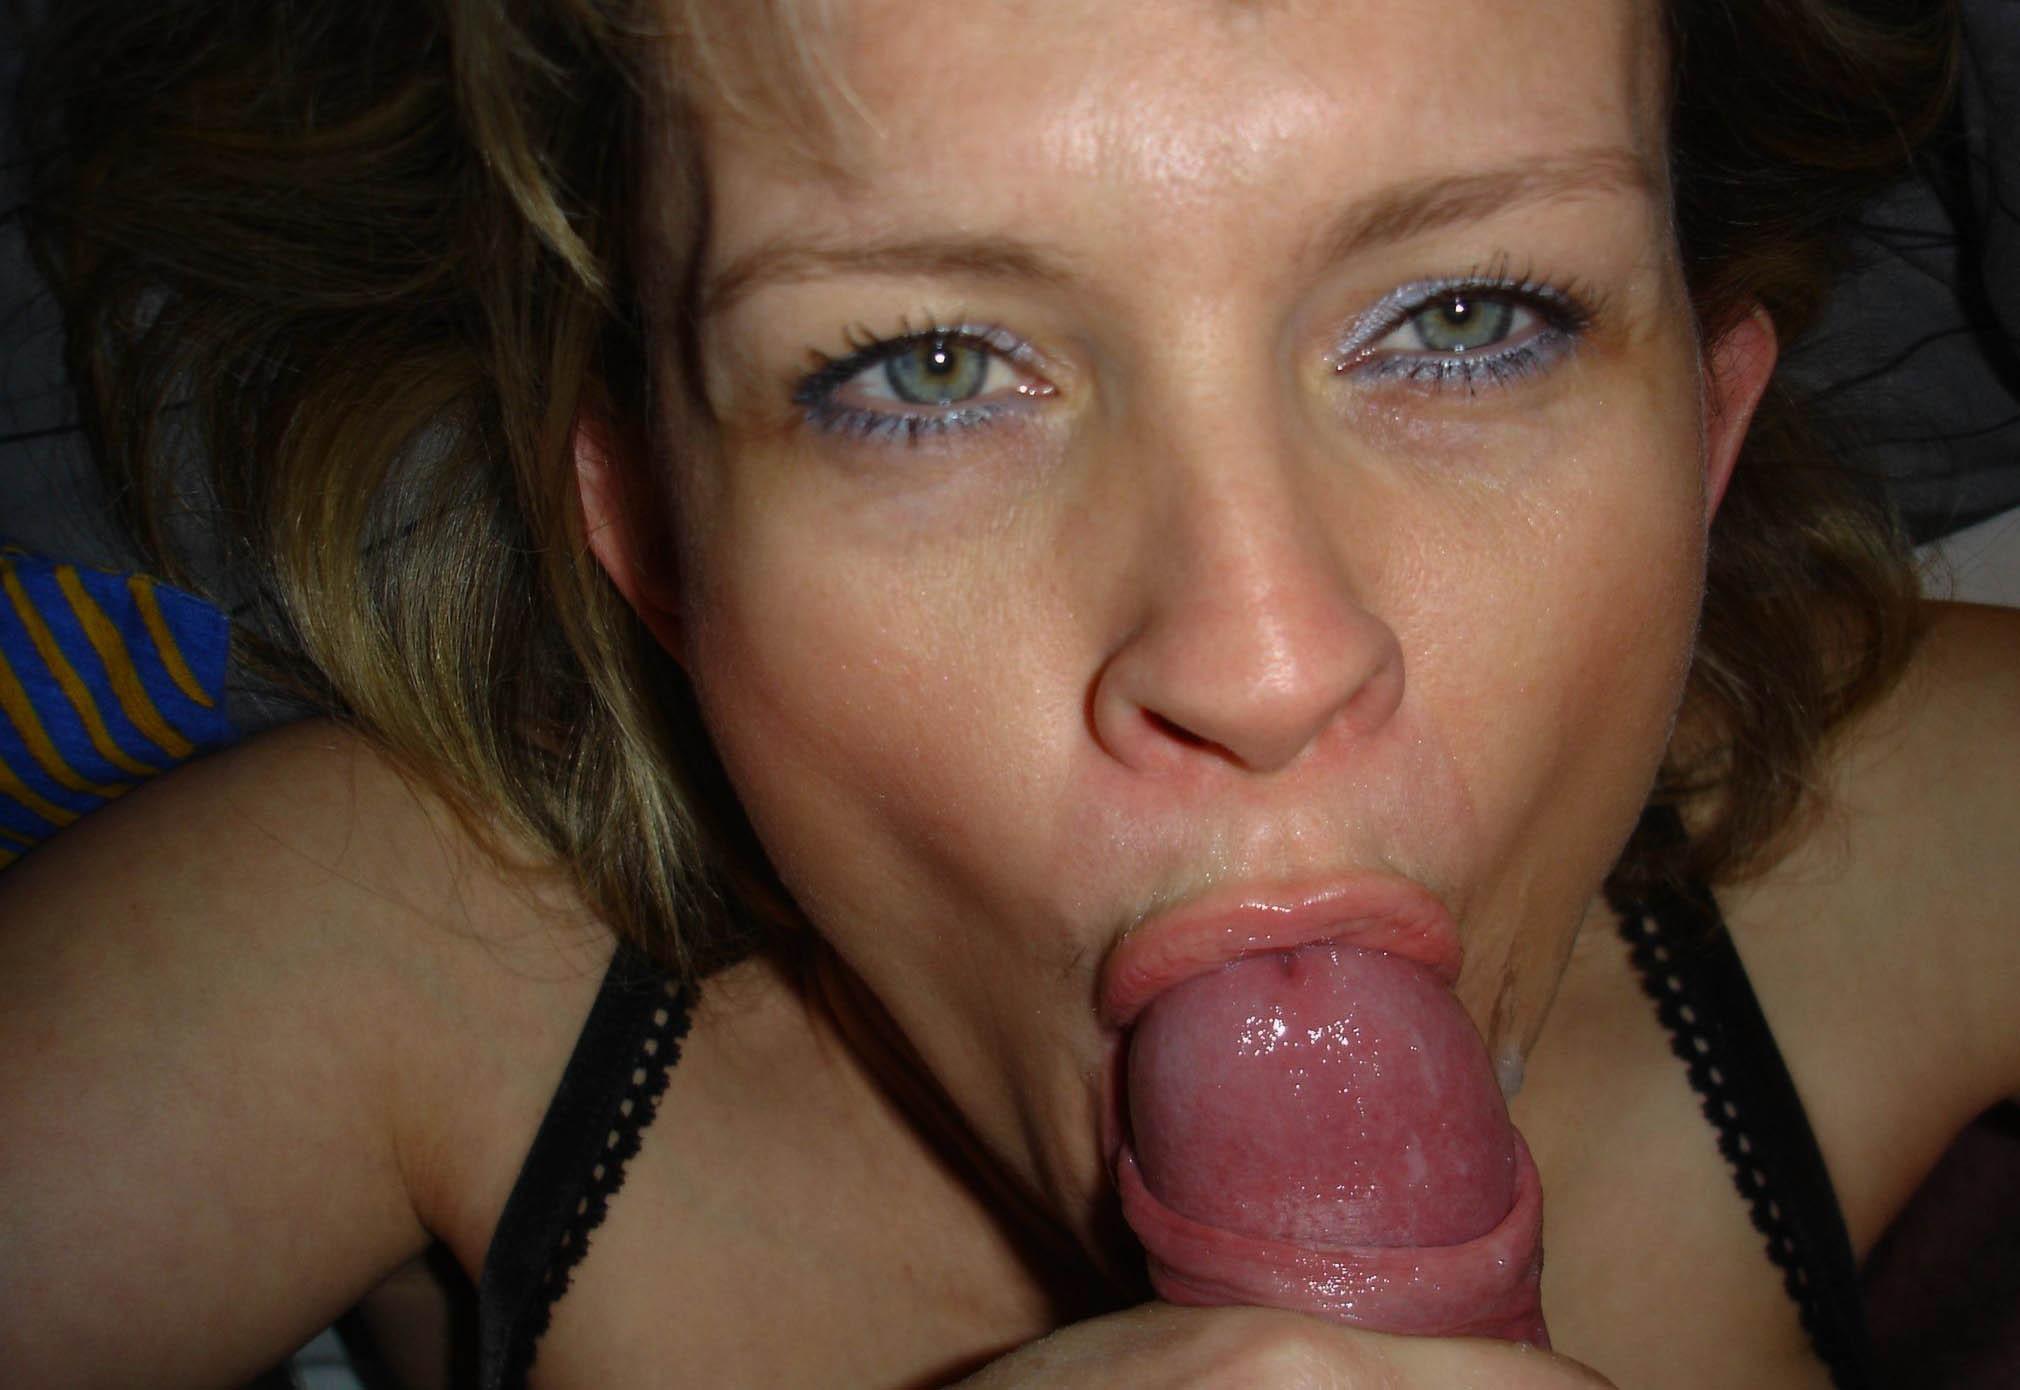 matt bird ffm pool threesome porn pics